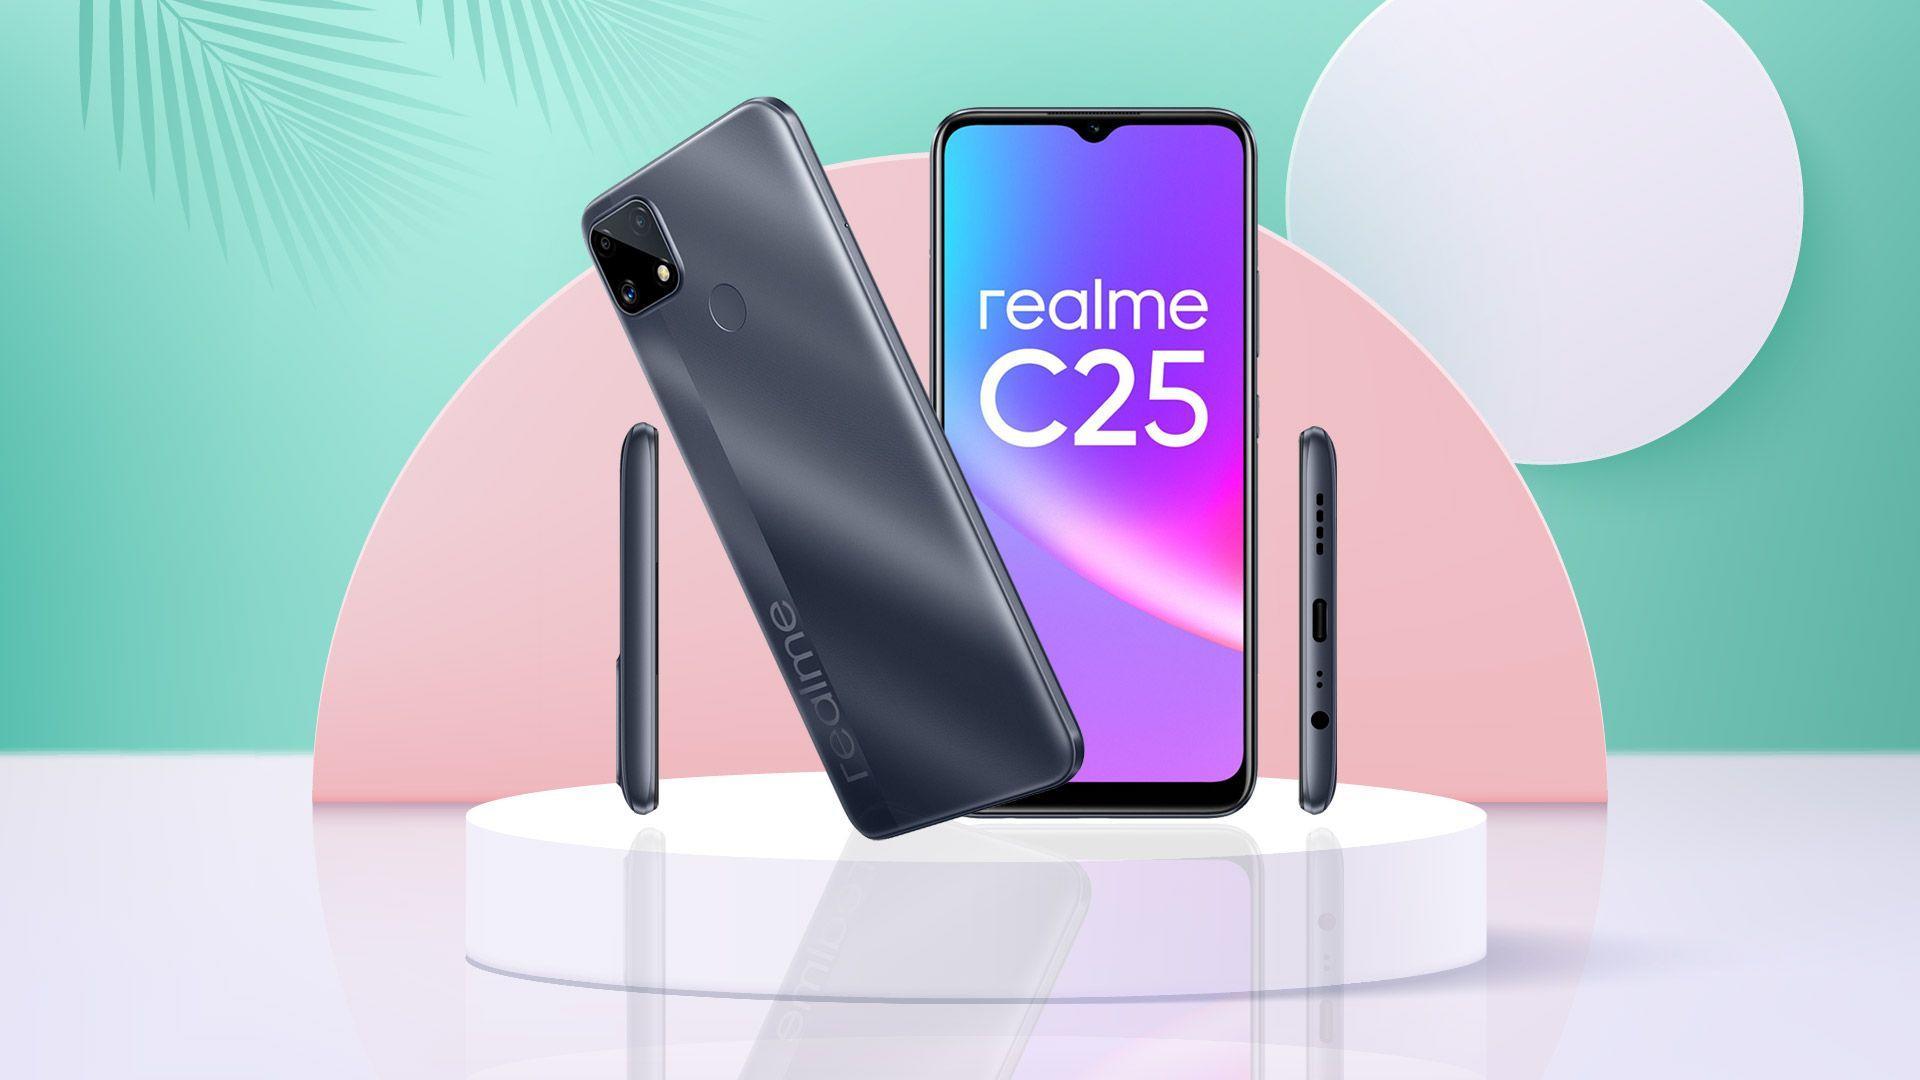 Realme C25 giá 4,69 triệu, lên kệ từ 17/4 với ưu đãi 300.000VND